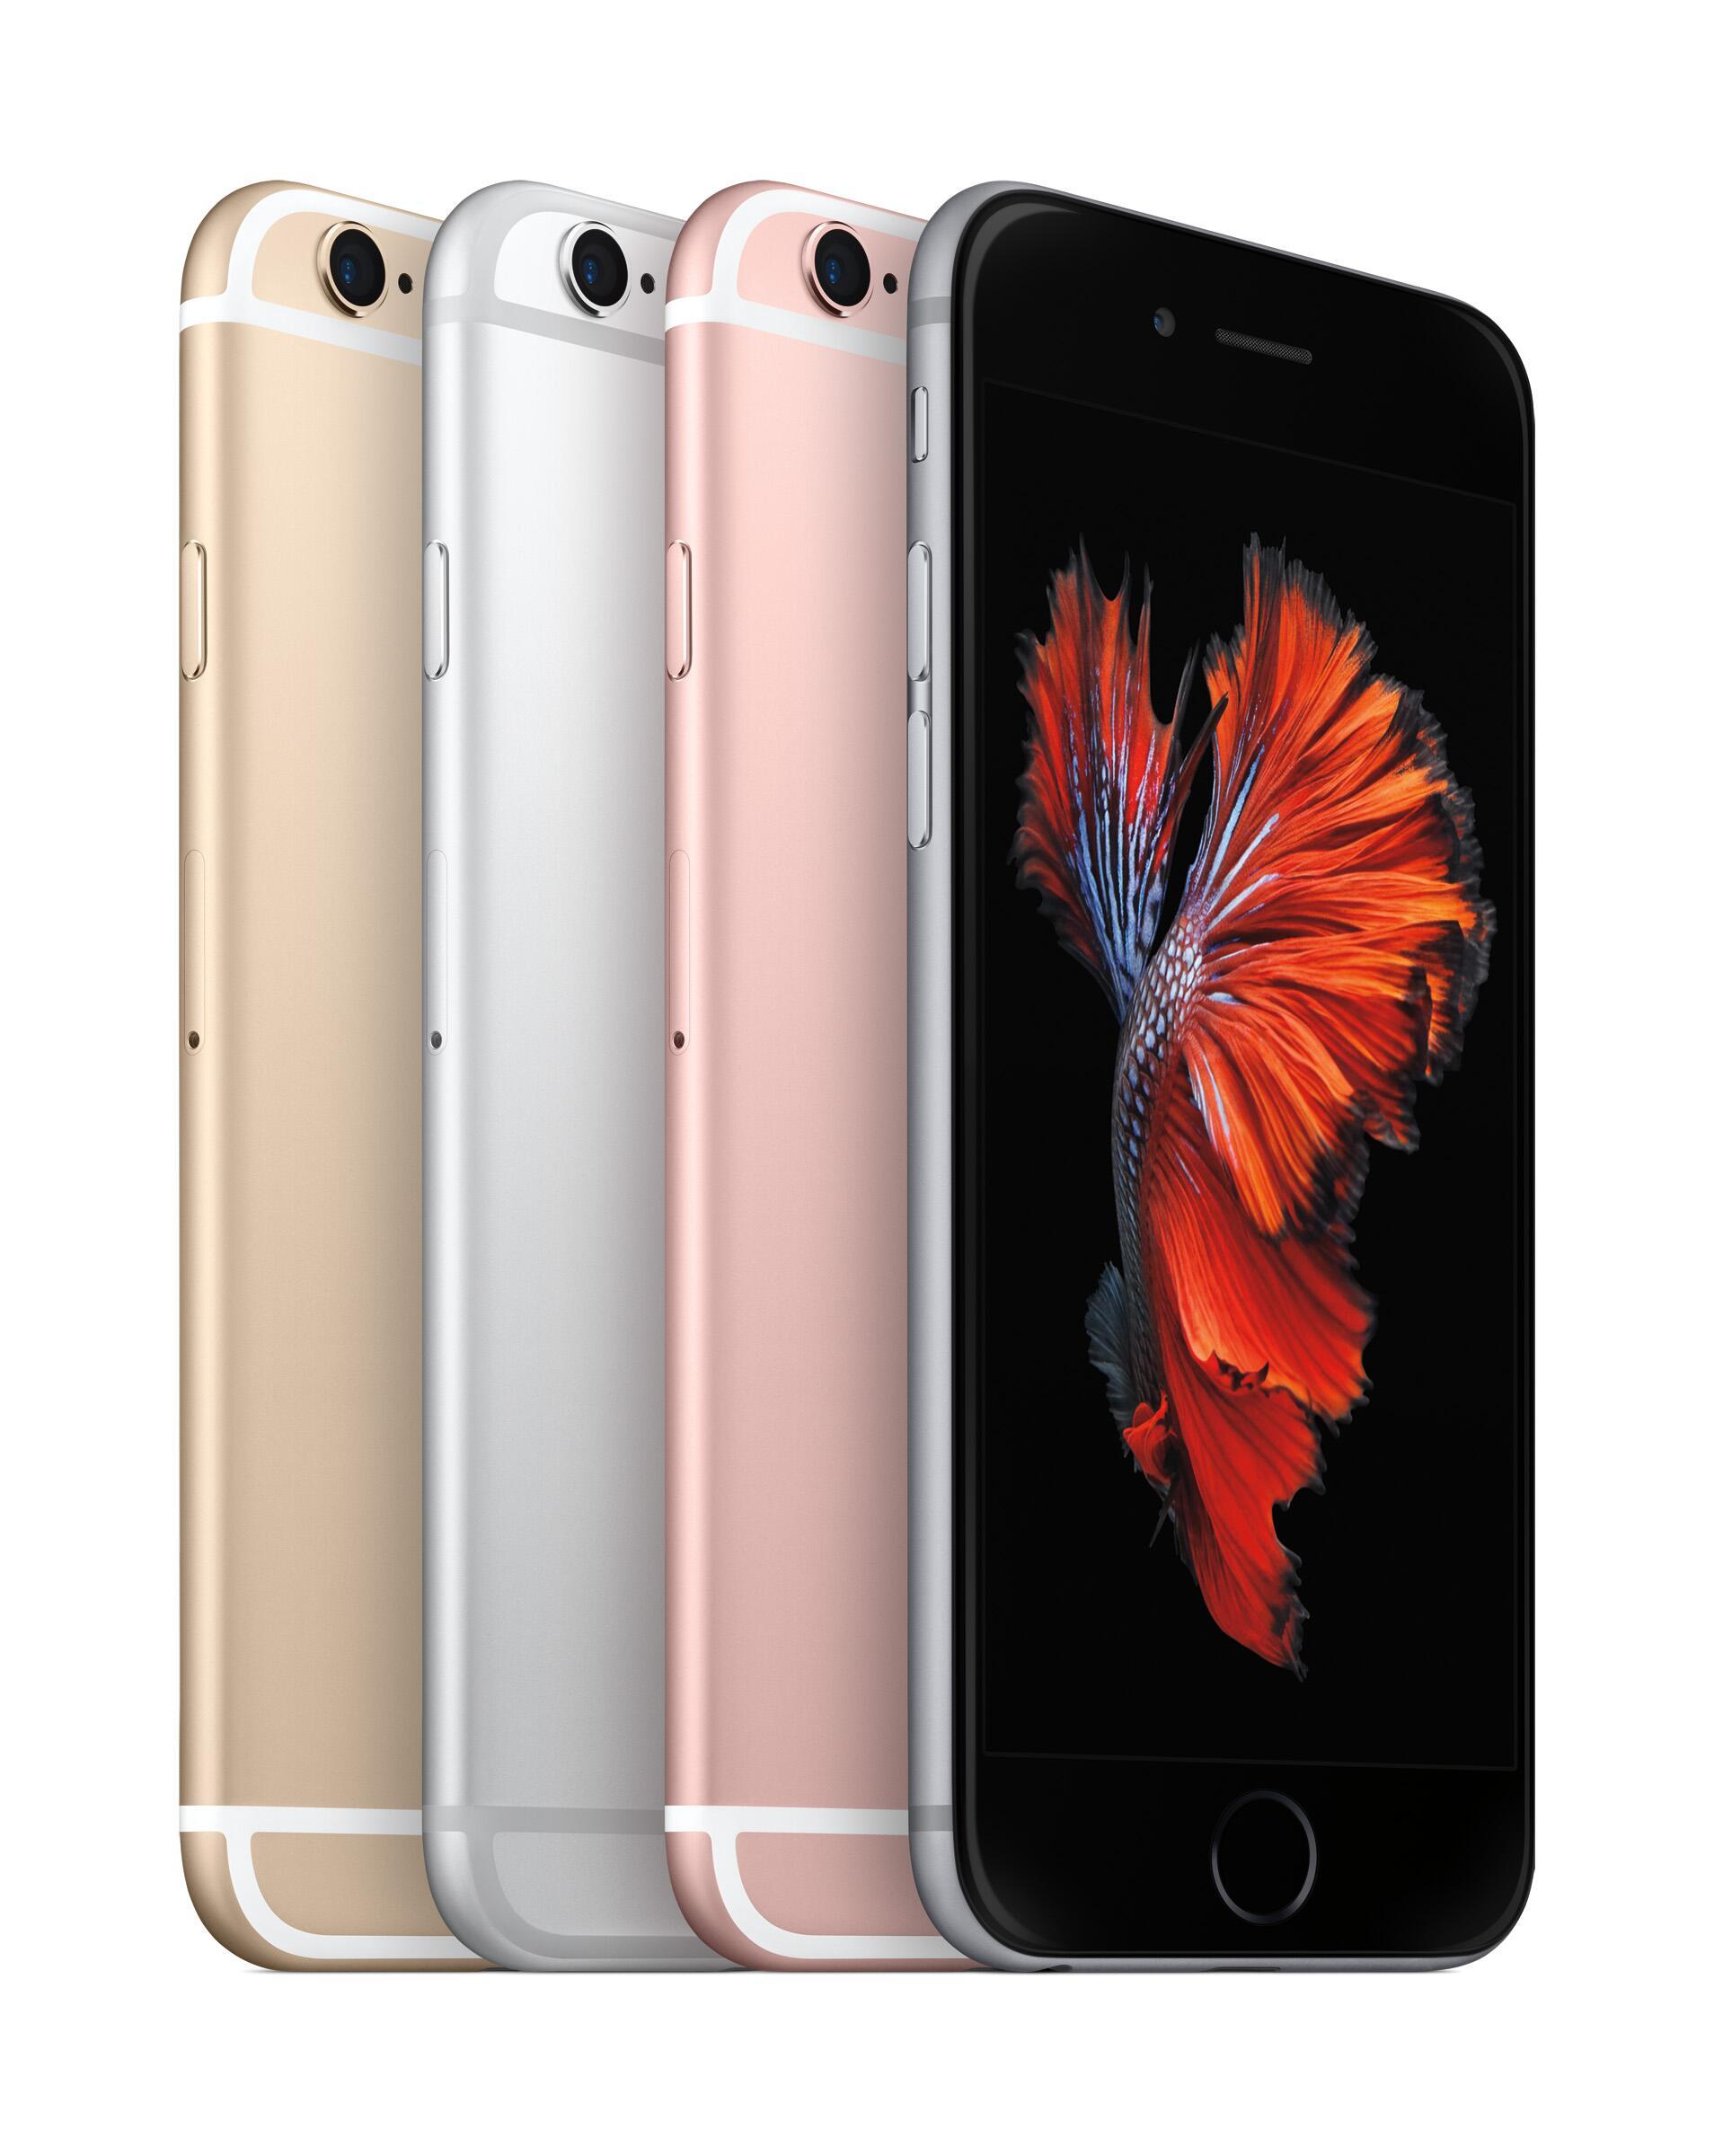 Bild zu iPhone 6S, iPhone 6S Plus